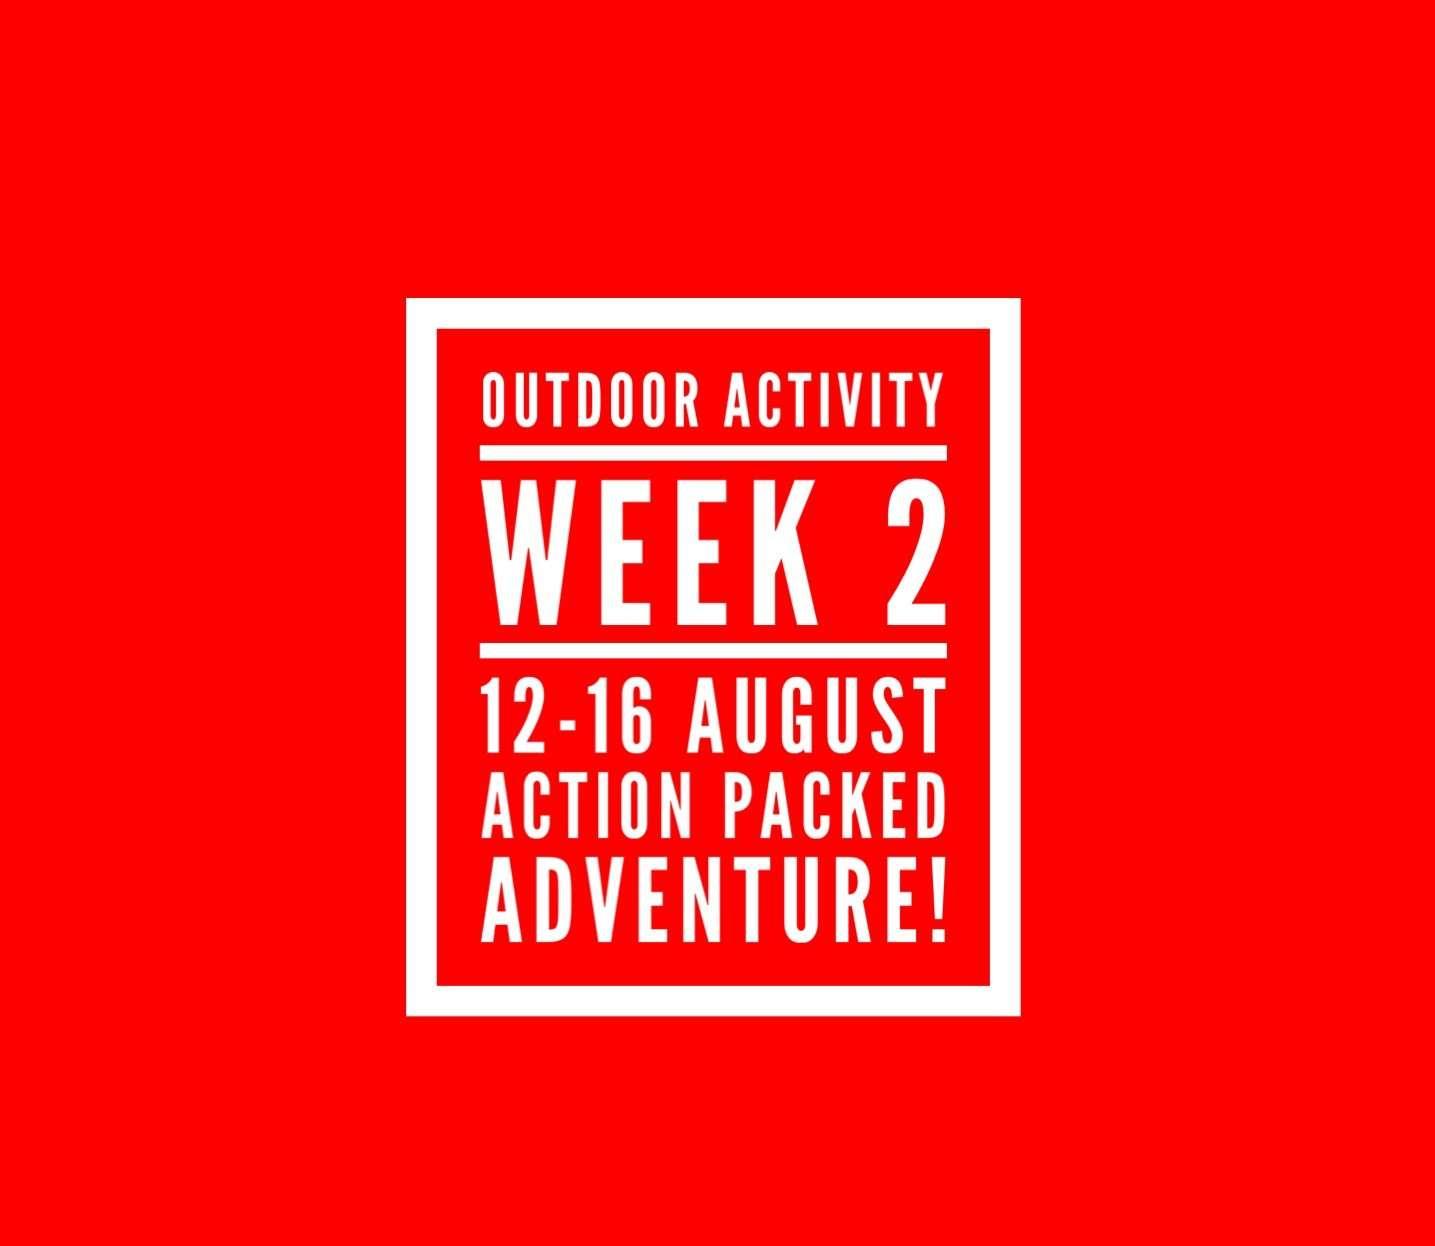 Outdoor Activity Week 2, Summer 19